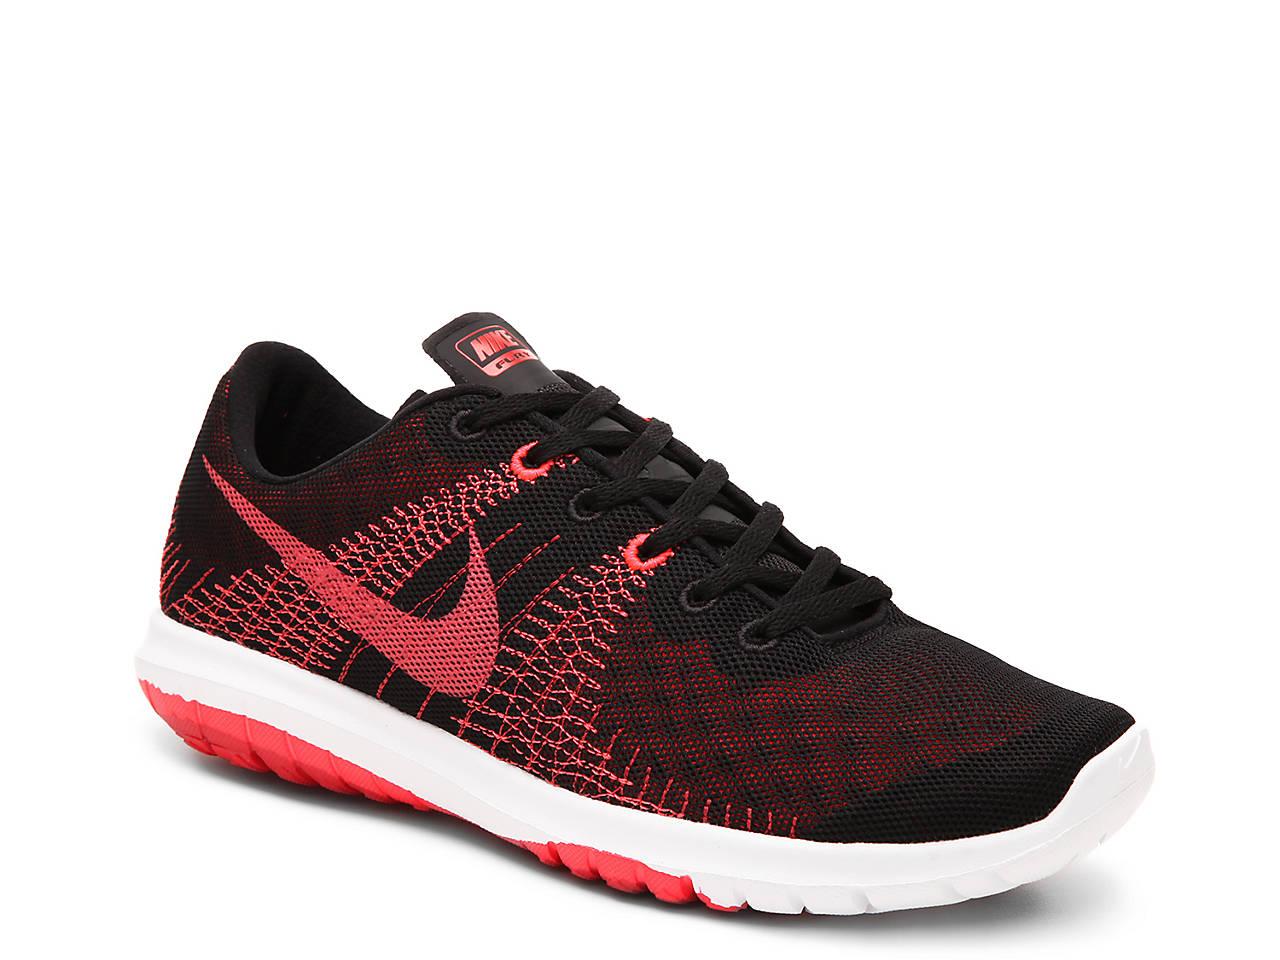 3ab0a845d100 Nike Flex Fury Lightweight Running Shoe - Men s Men s Shoes